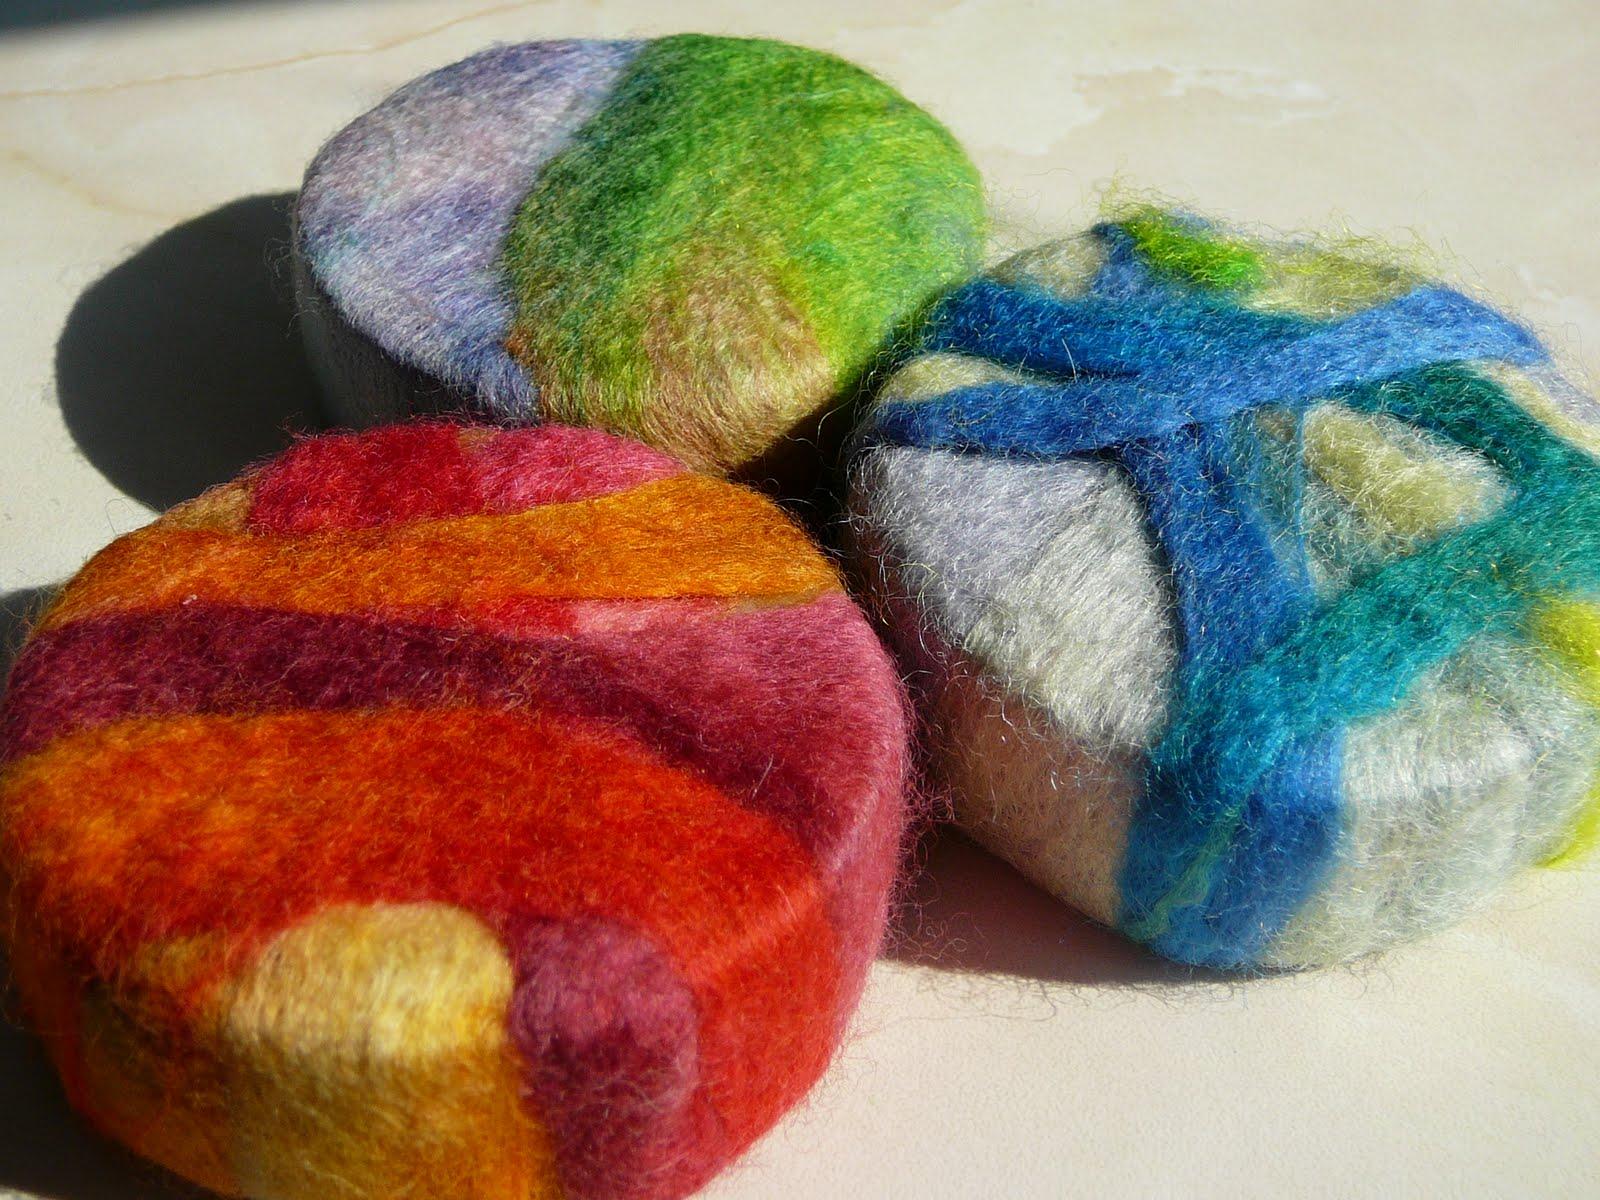 felted soap fun crafts kids. Black Bedroom Furniture Sets. Home Design Ideas